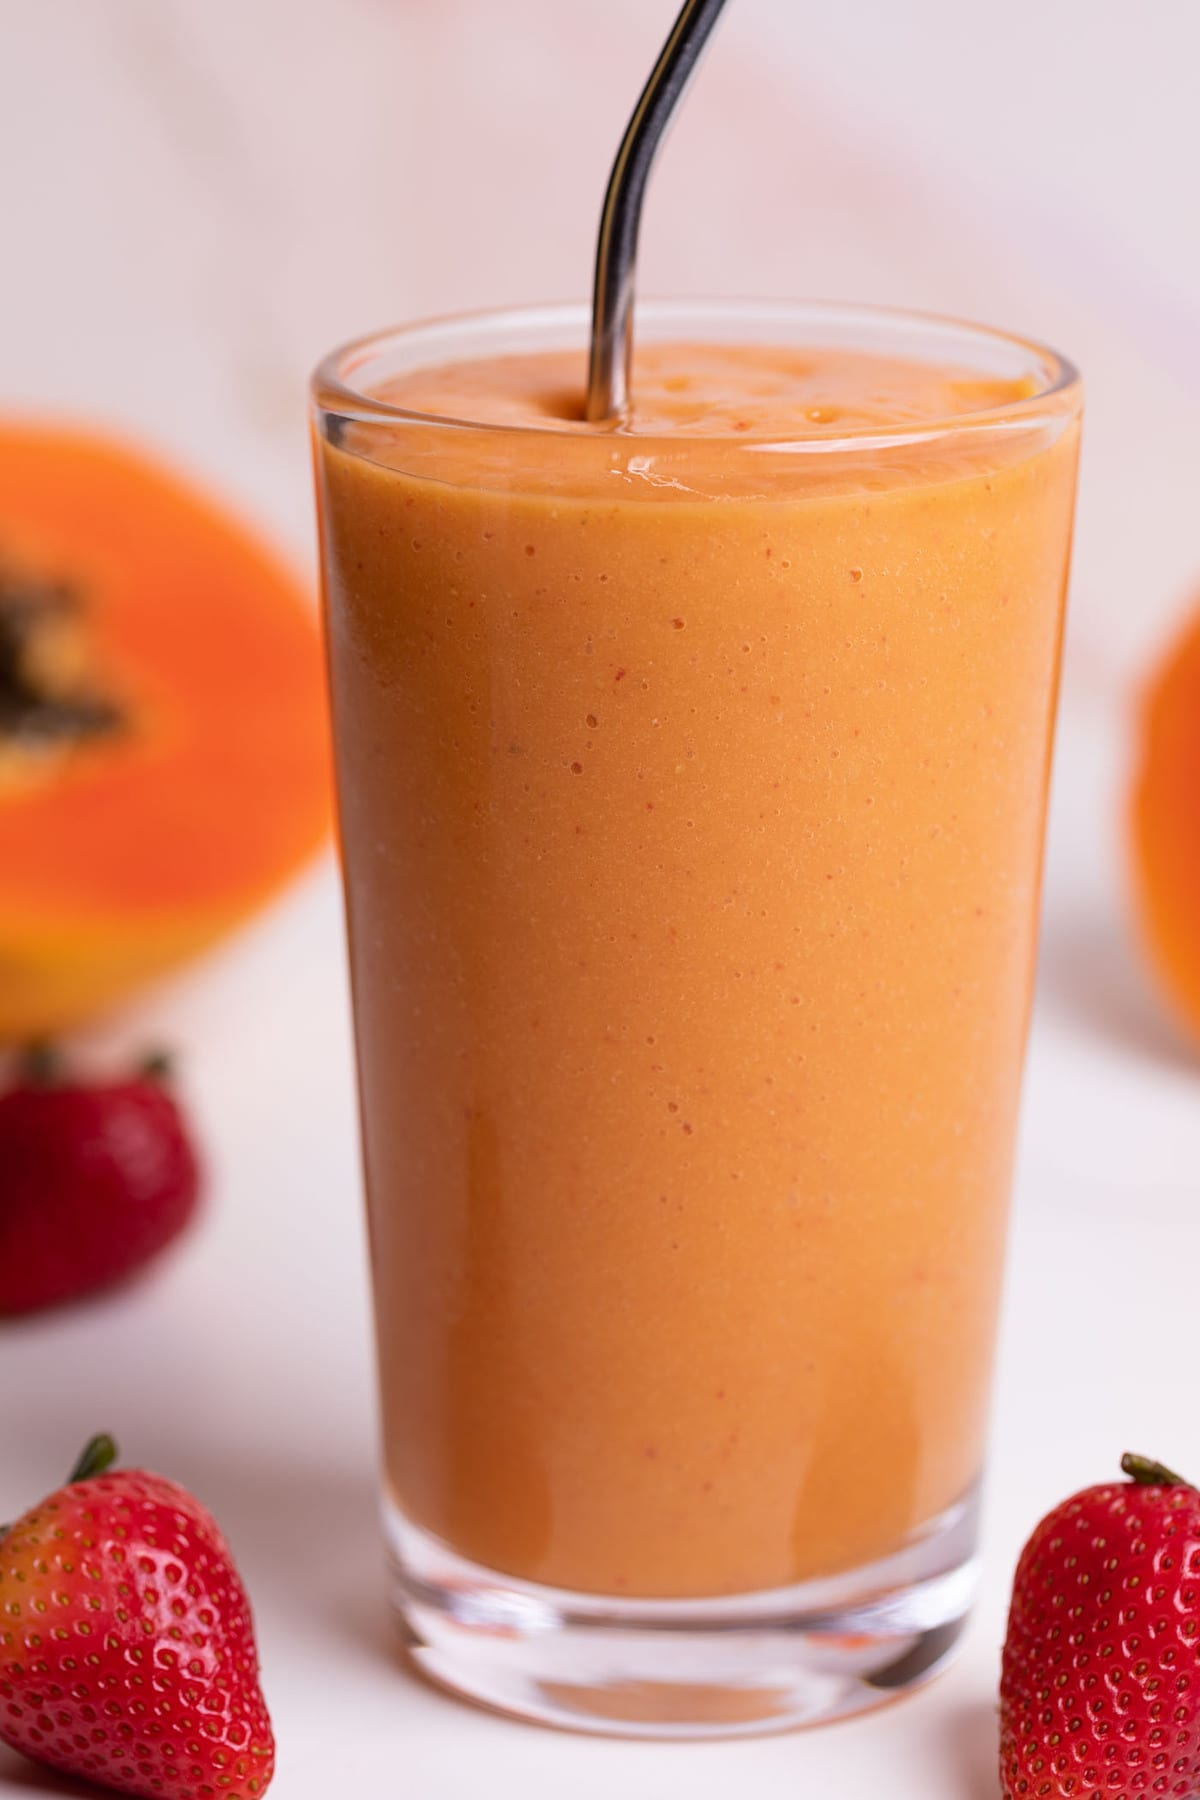 Strawberry Mango Papaya Smoothie